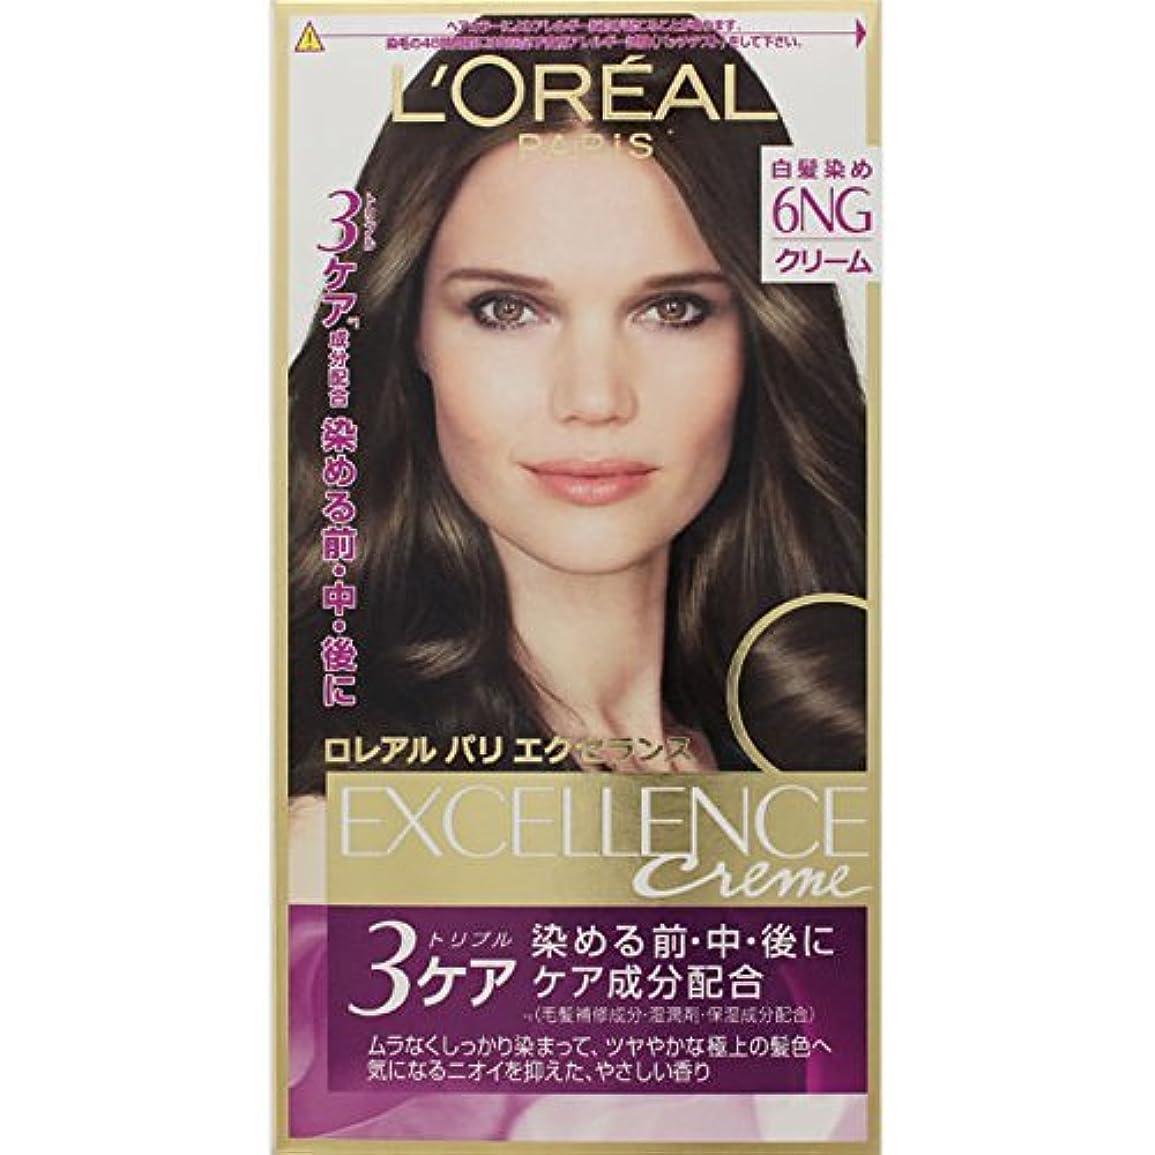 多様性答え招待ロレアル パリ ヘアカラー 白髪染め エクセランス N クリームタイプ 6NG 緑がかったやや明るい栗色